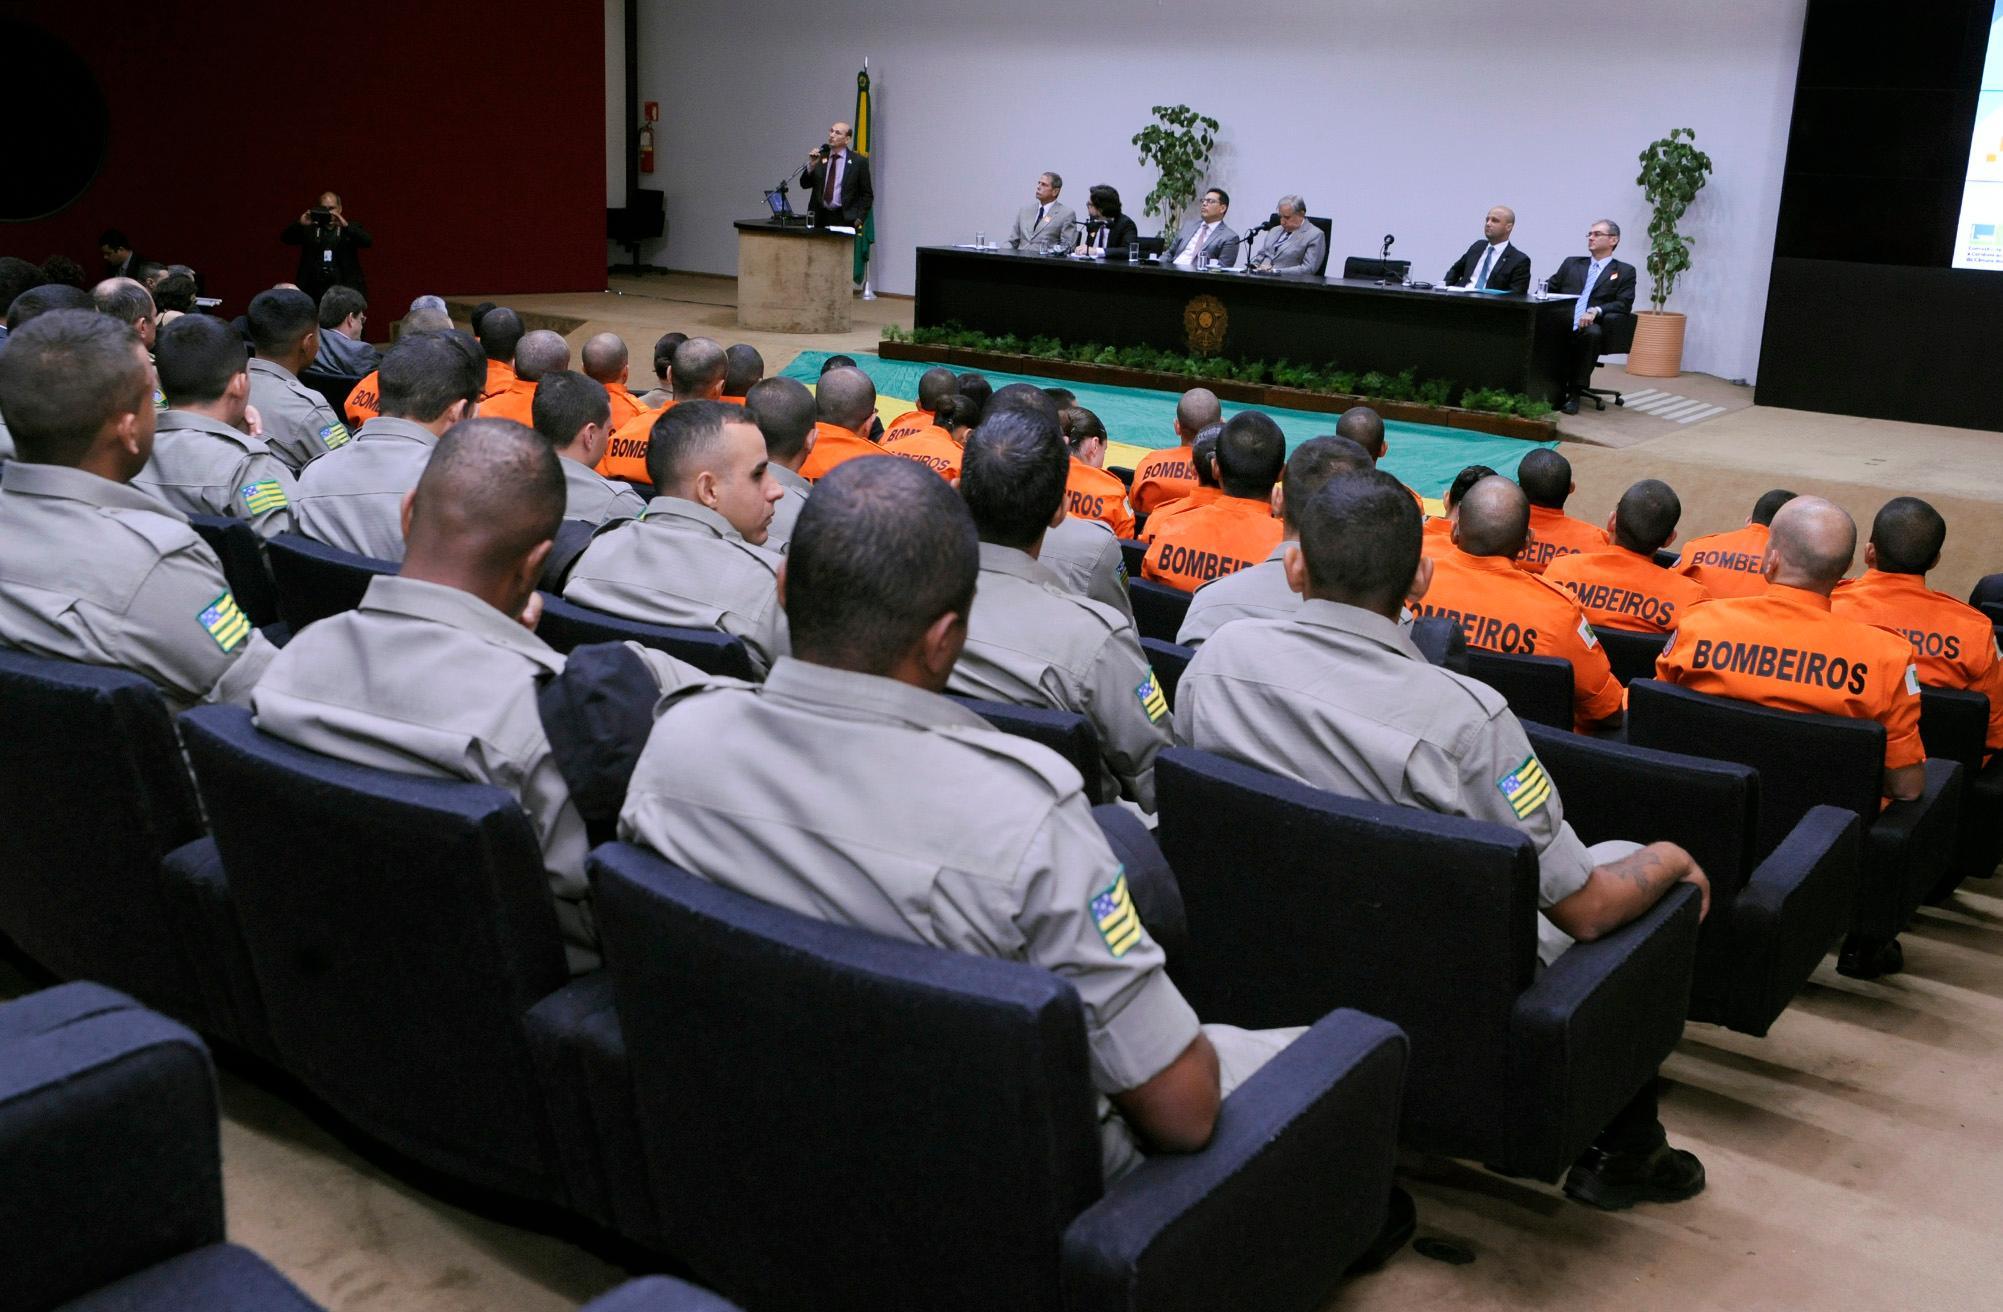 Seminário -  30 anos da Constituição Federal: Reforma do Poder Judiciário e do Sistema de Segurança Pública